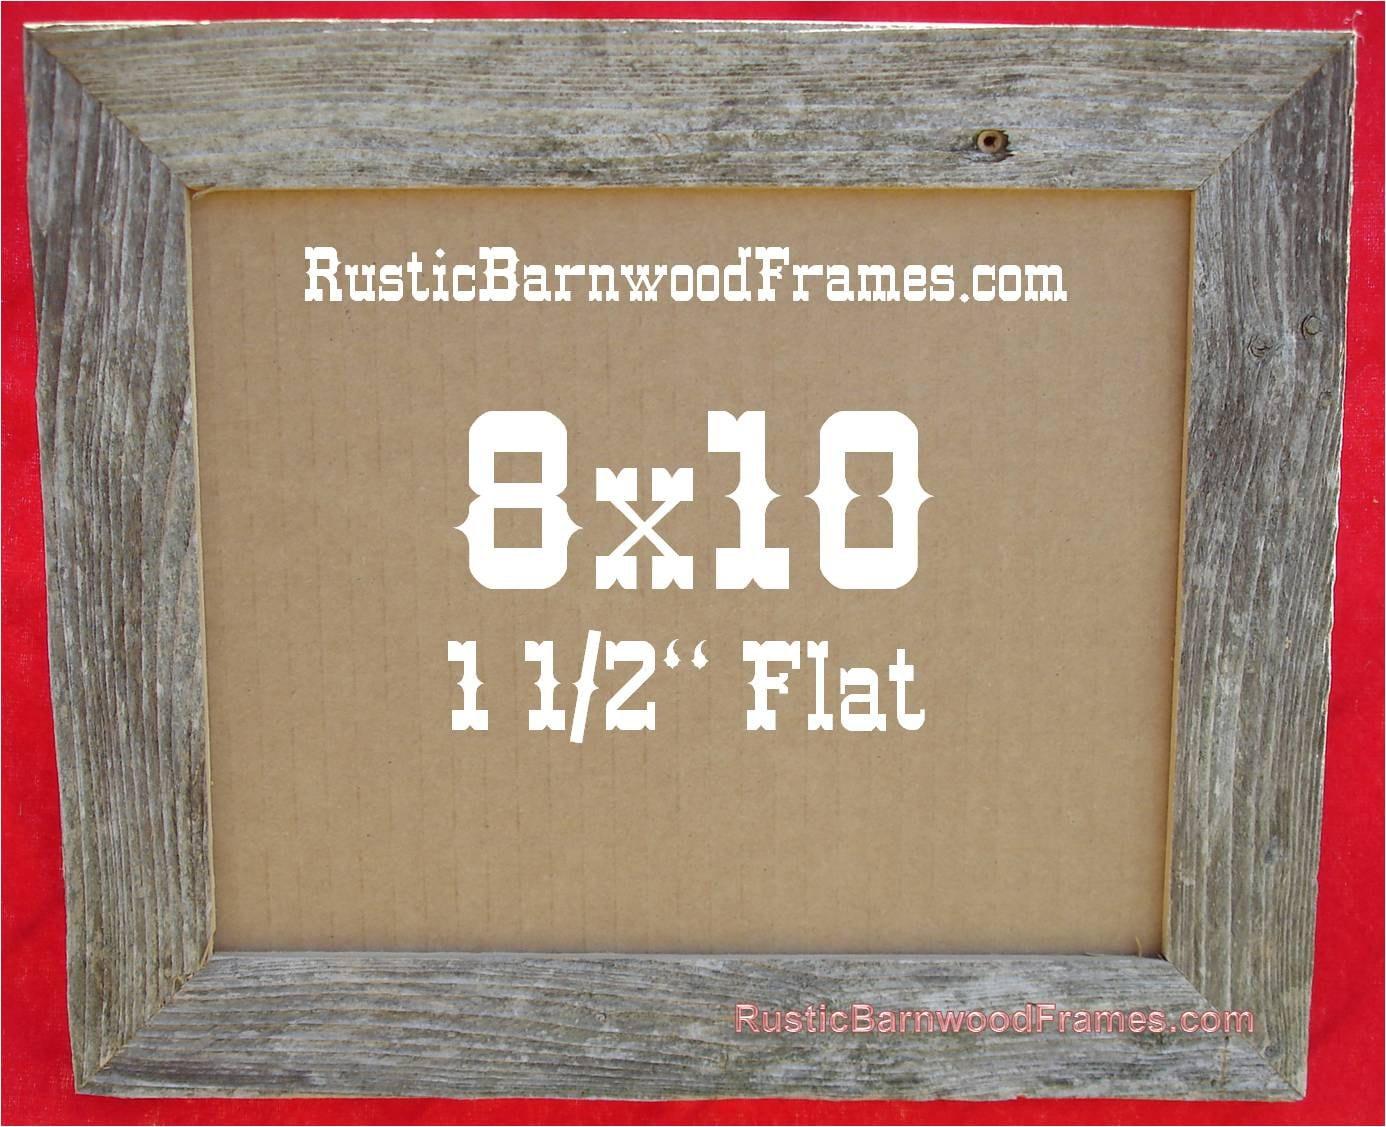 Mucho mayor de 8 x 10 6 1 1/2 de madera plana